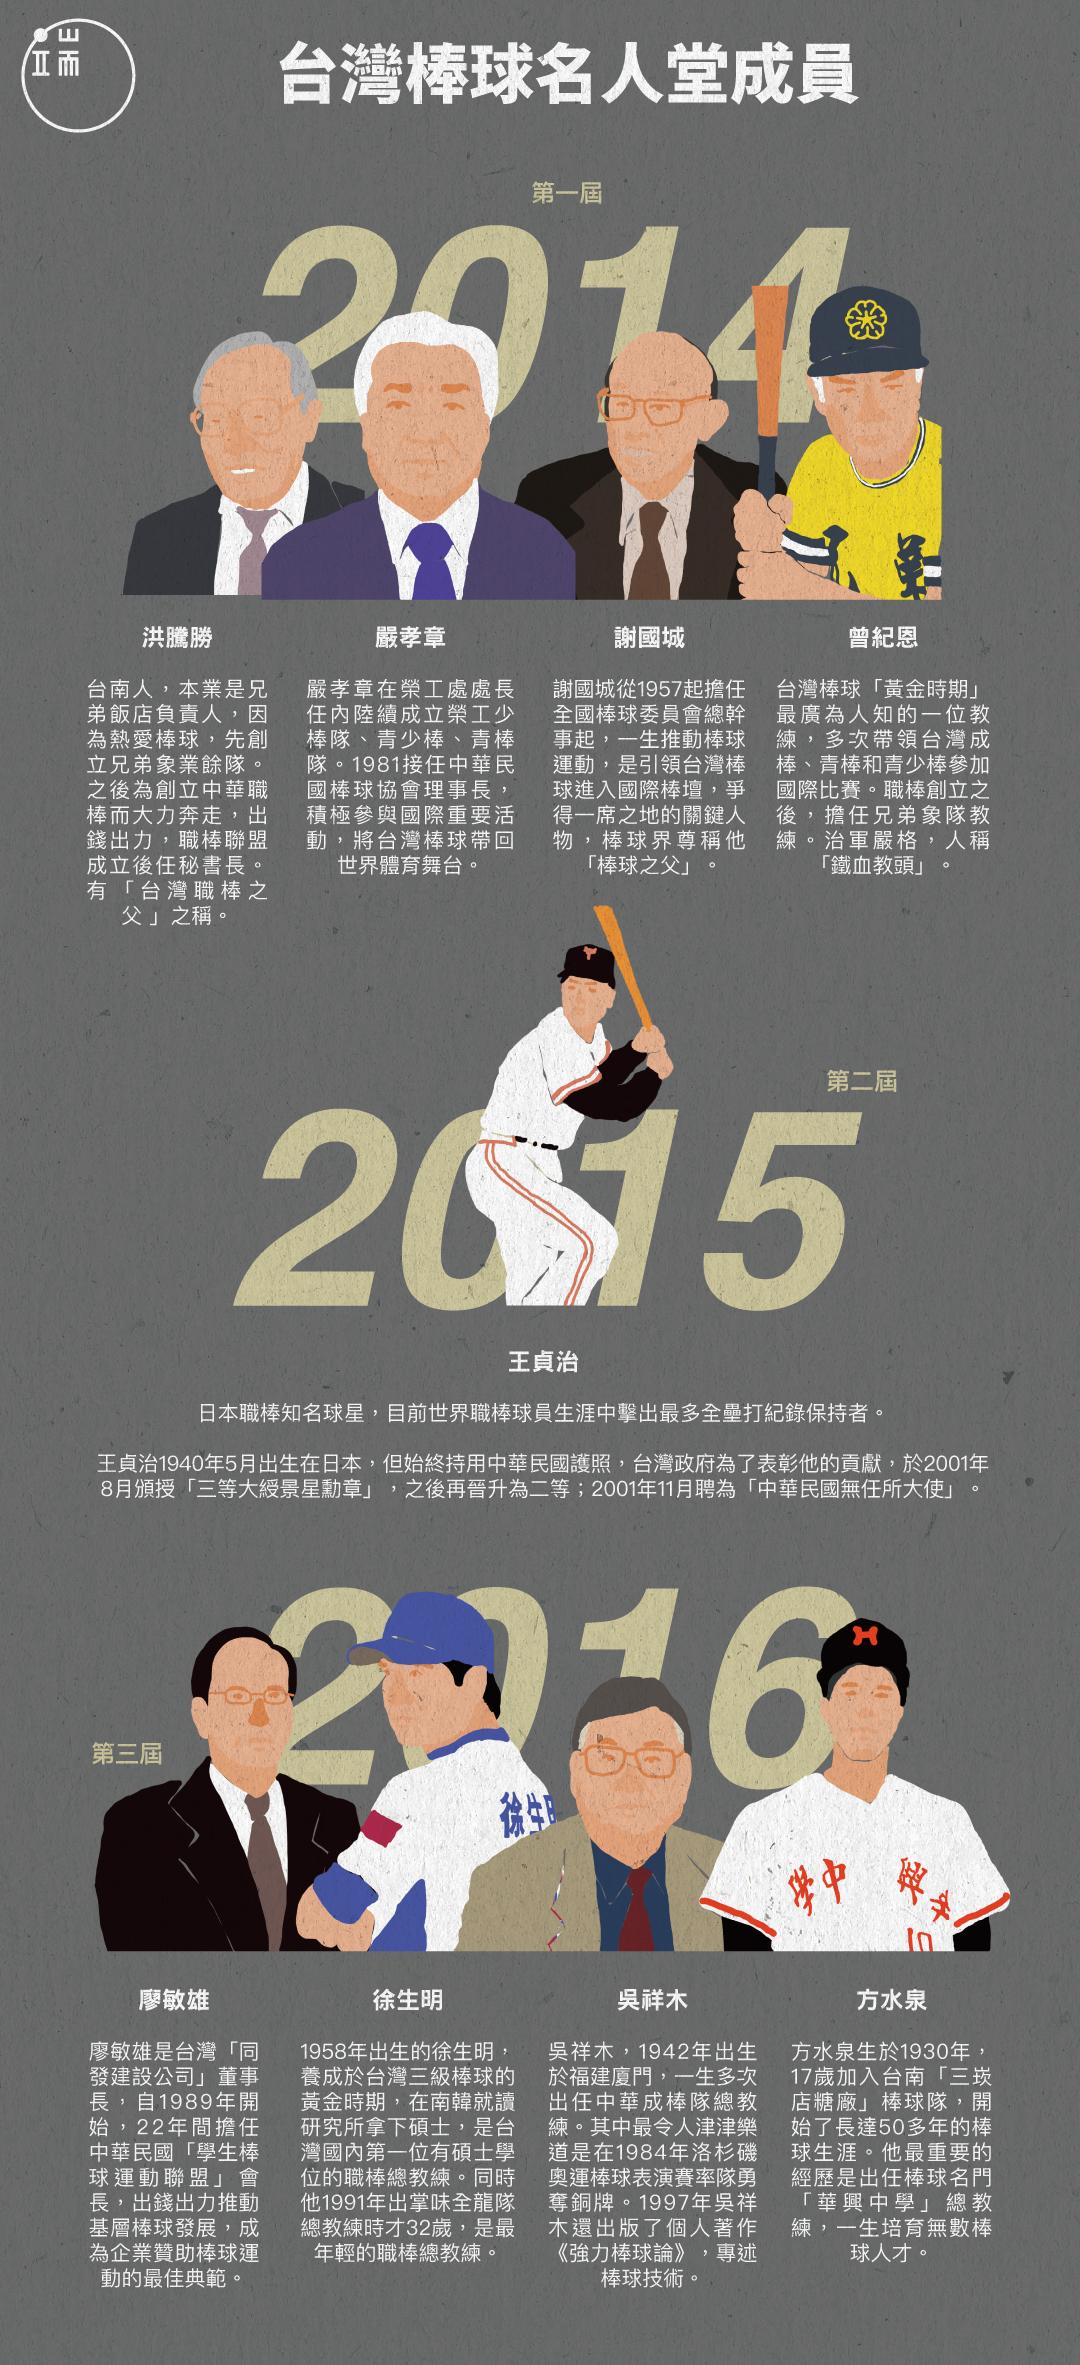 台灣棒球名人堂。圖:端傳媒設計部